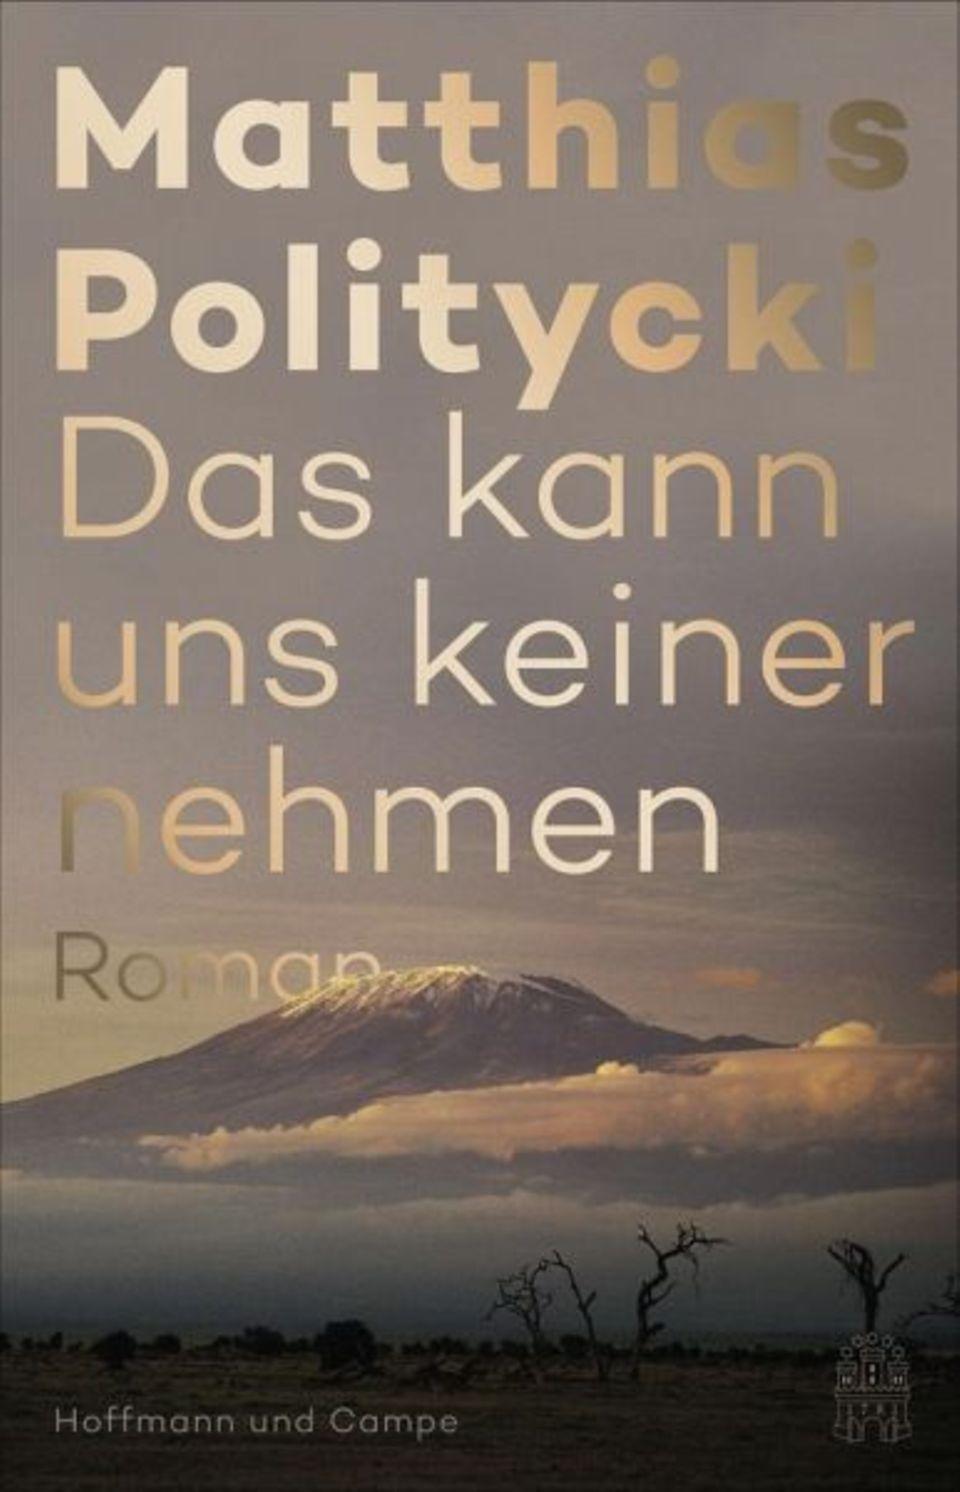 """Matthias Politycki: """"Das kann uns keiner nehmen"""""""